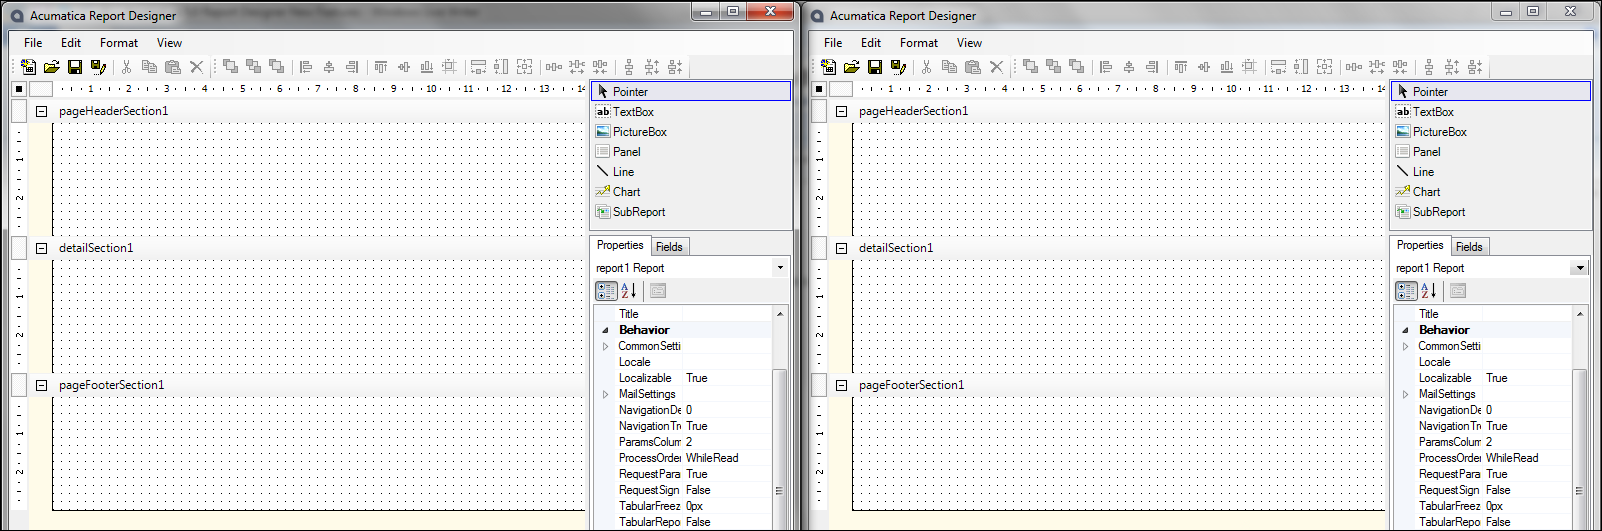 Acumatica Report Designer 4.2 vs 5.0